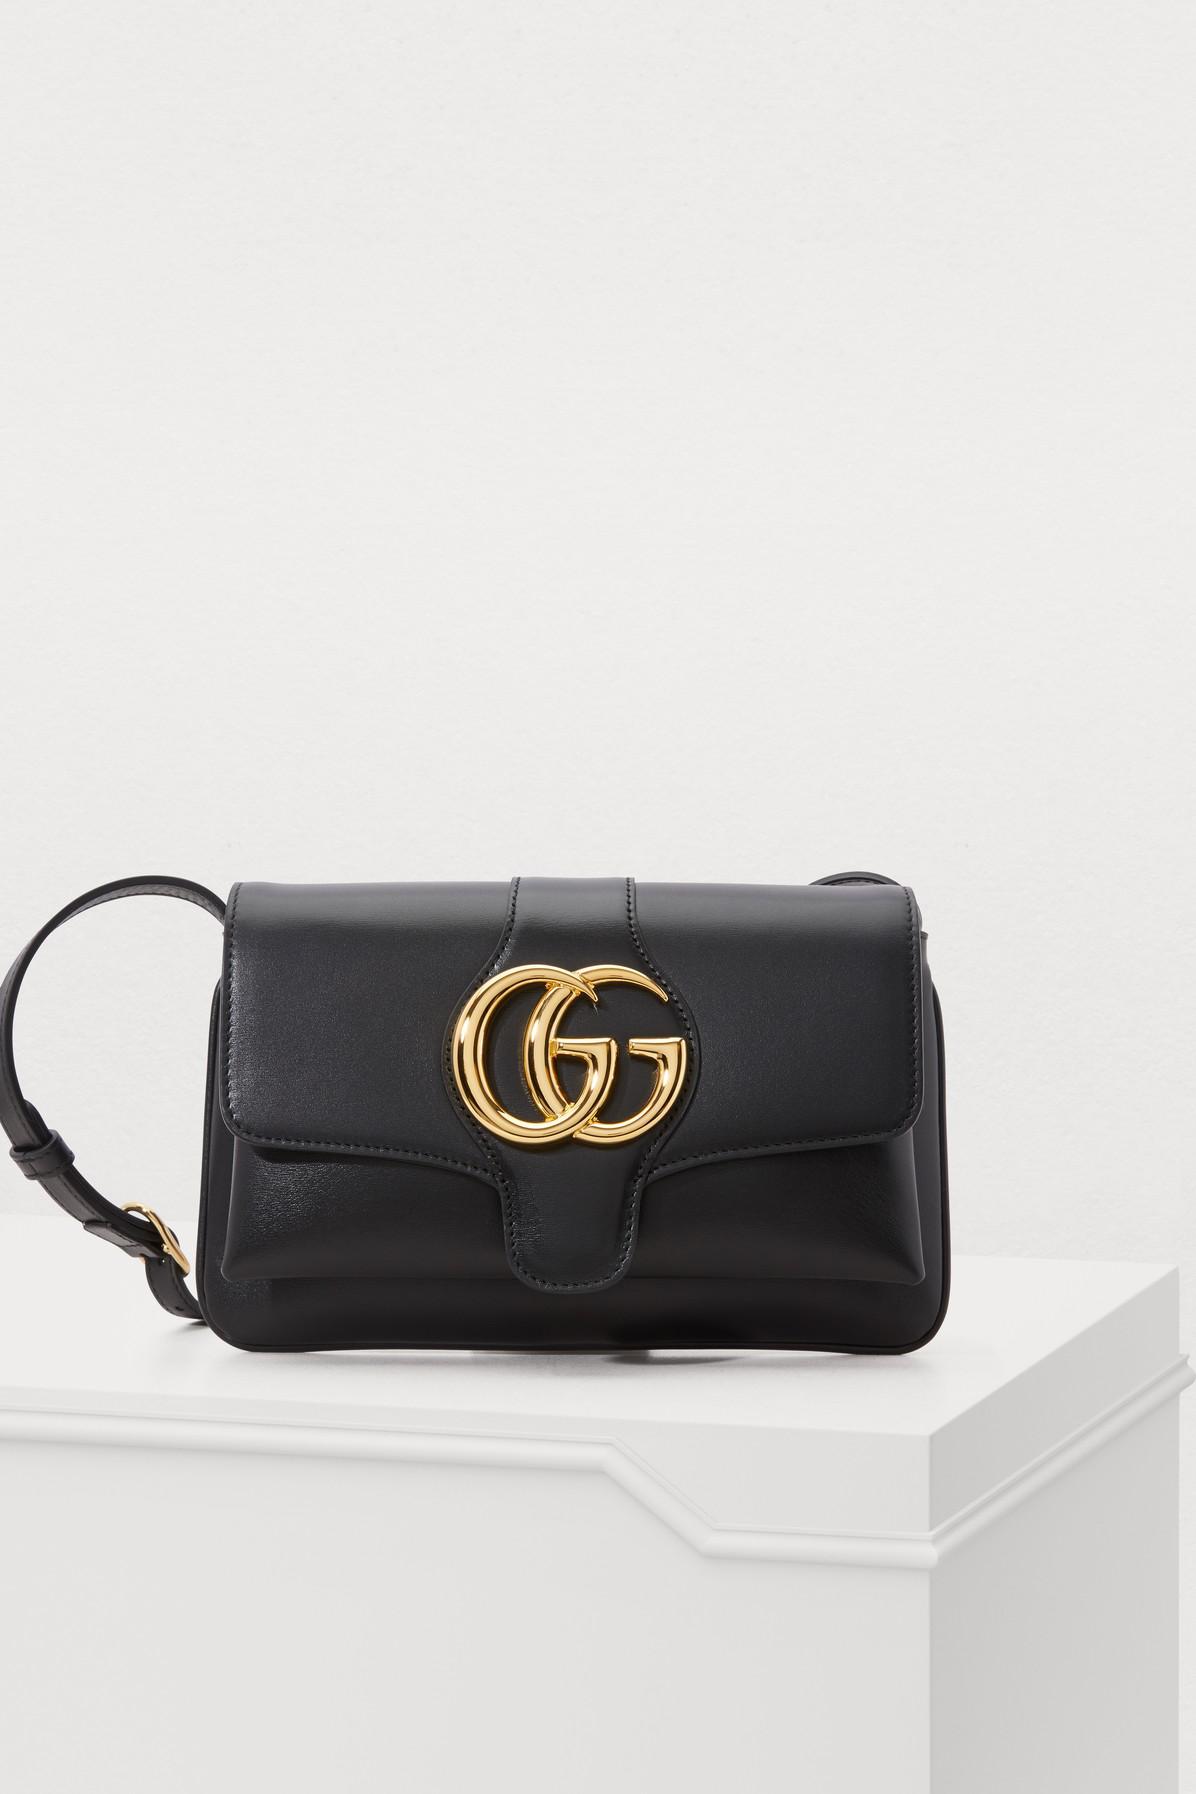 4ac9024de1d Gucci Arli Small Crossbody Bag